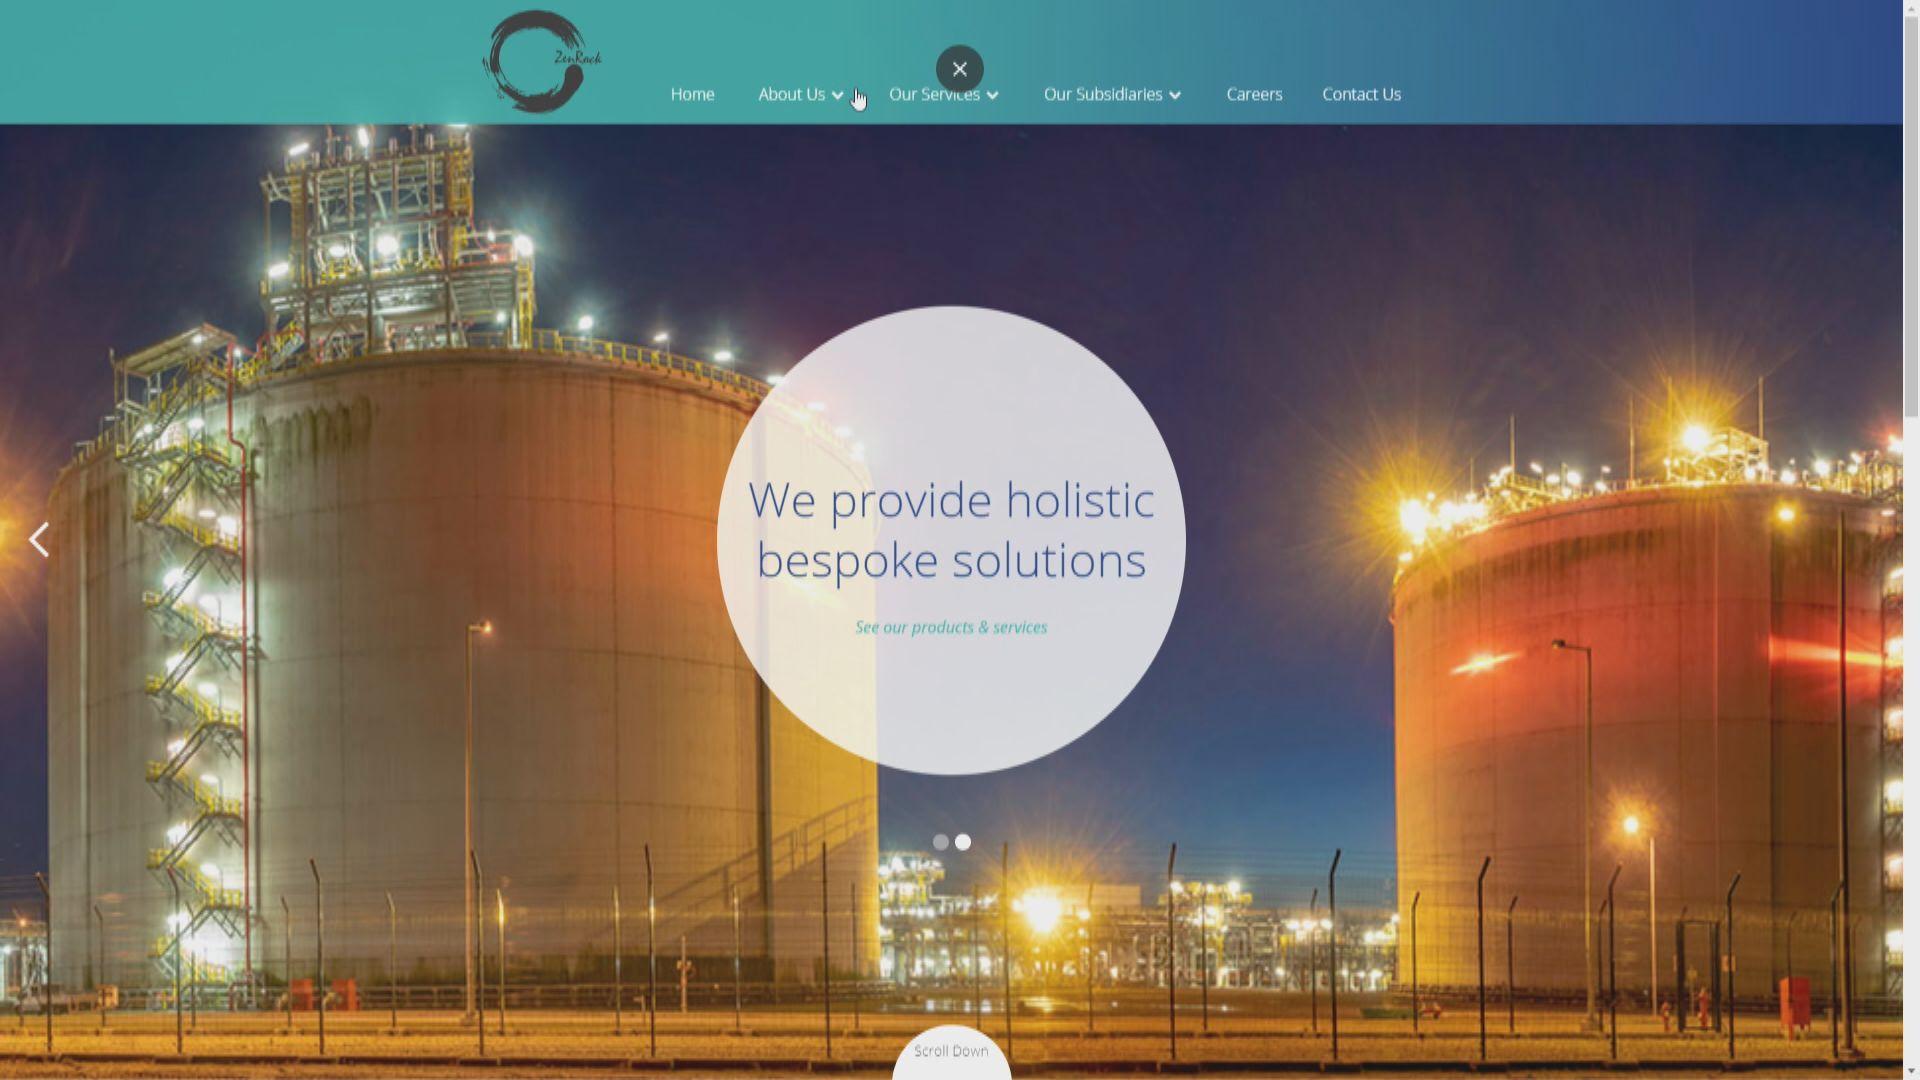 報道指滙控再有新加坡油企客戶陷財困